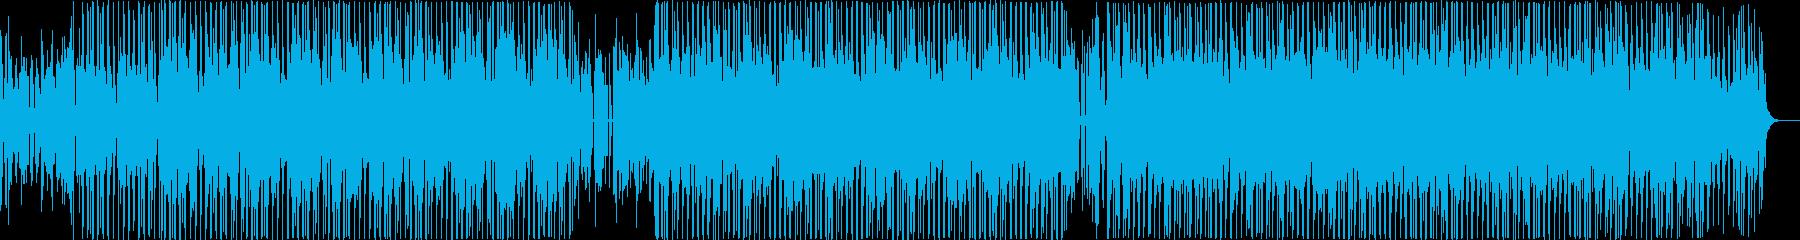 サスペンスの幕間。メランコリックな...の再生済みの波形